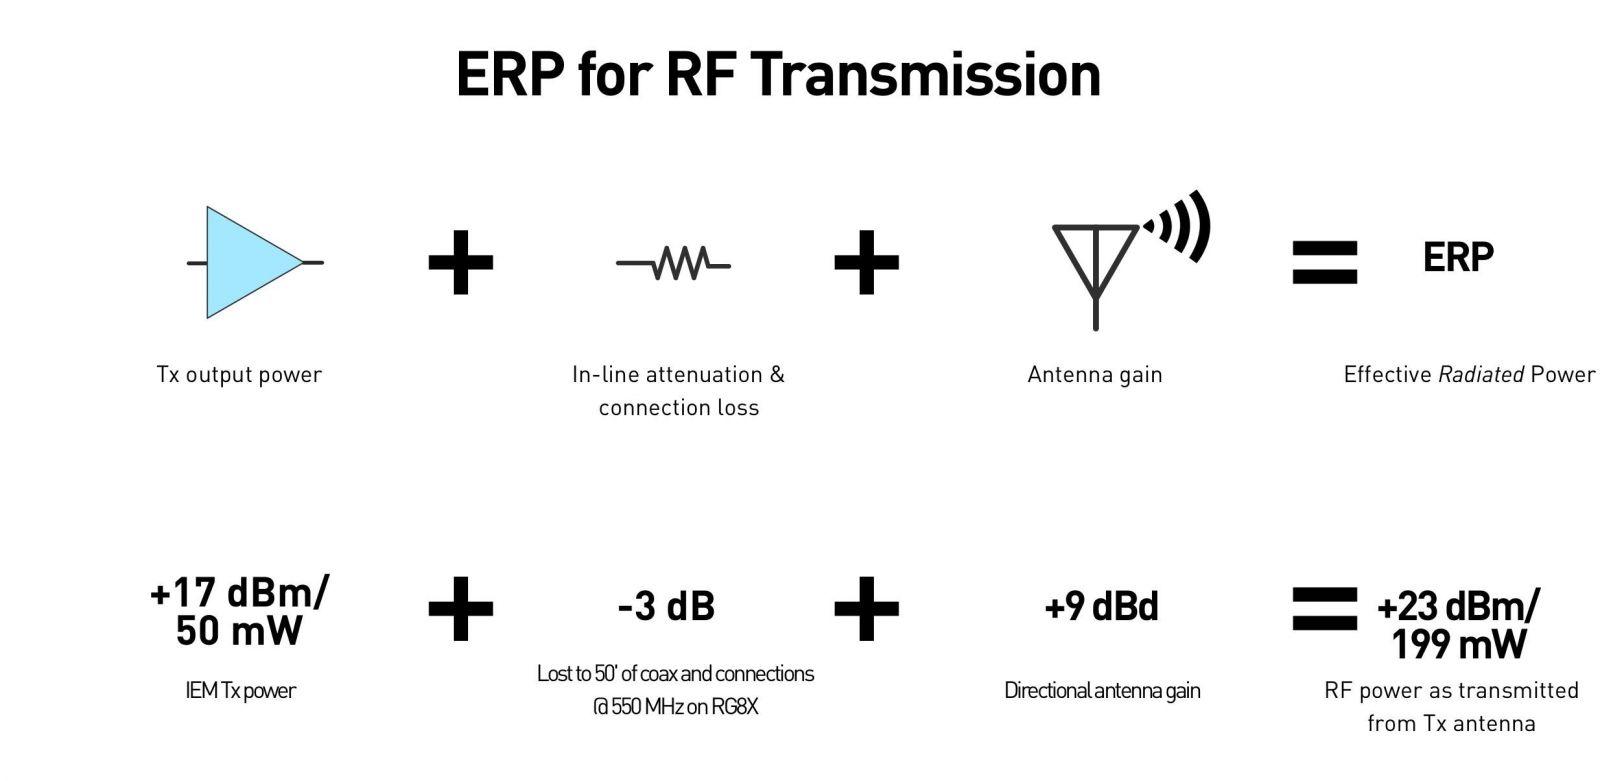 ERP for RF Transmission